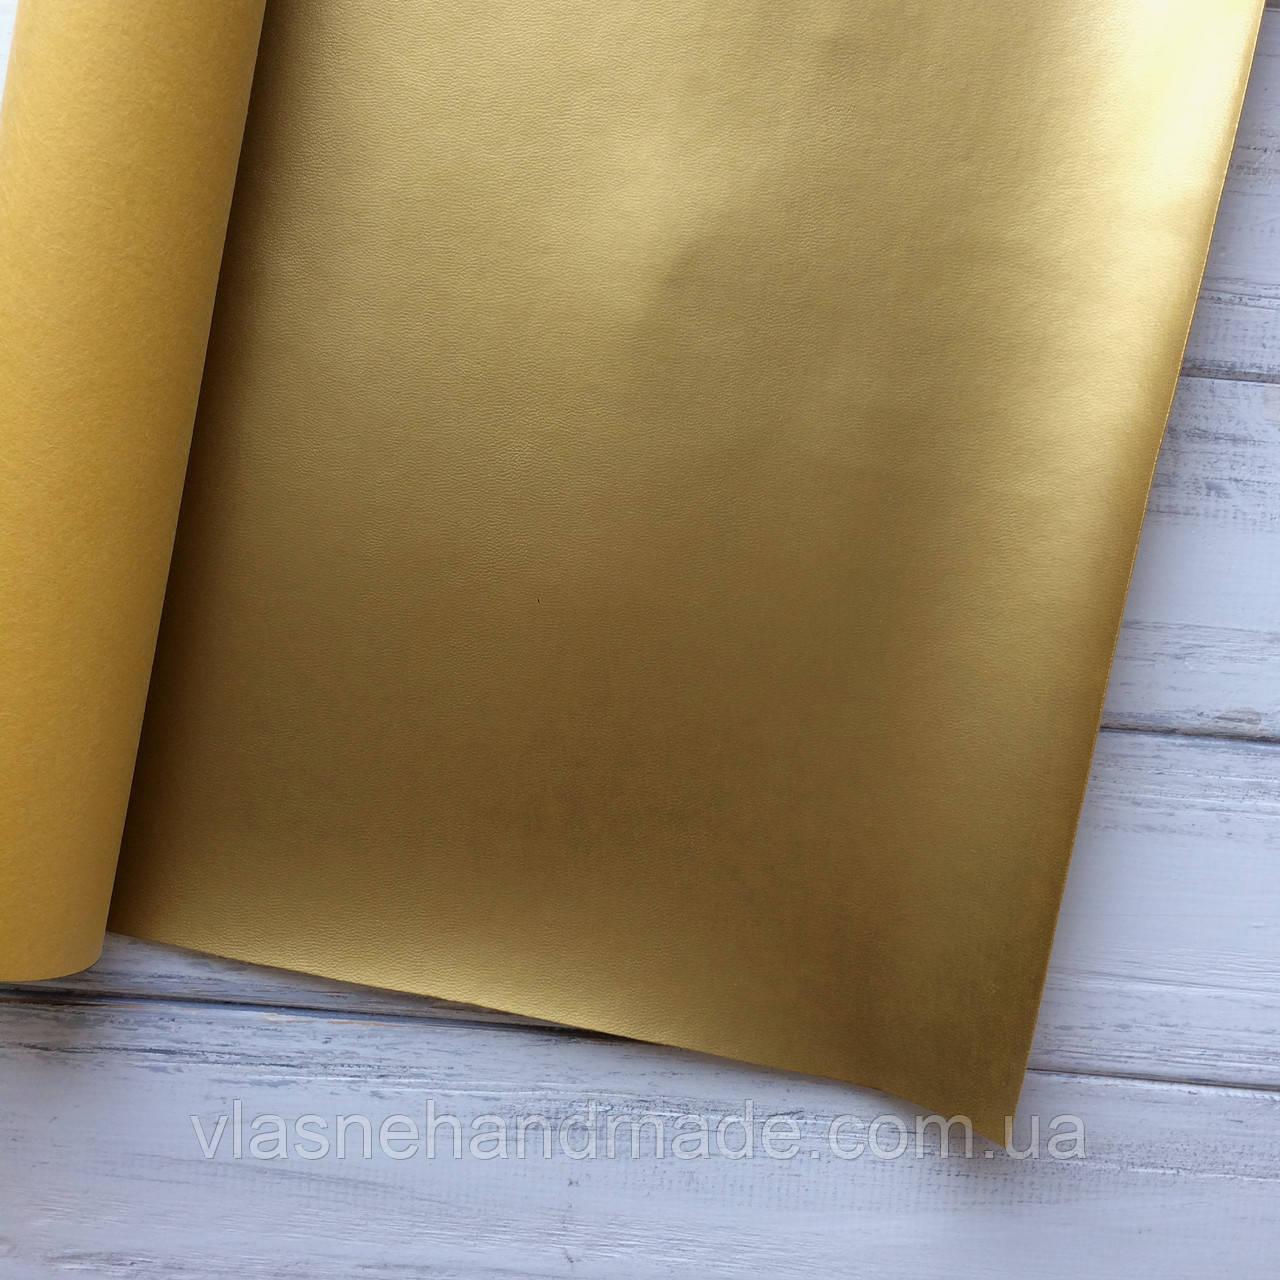 НЕФОРМАТ АБО НЕВЕЛИКИЙ БРАК!! Шкірзамінник палітурний - металік - золото - виробник Італія - 20х74 см